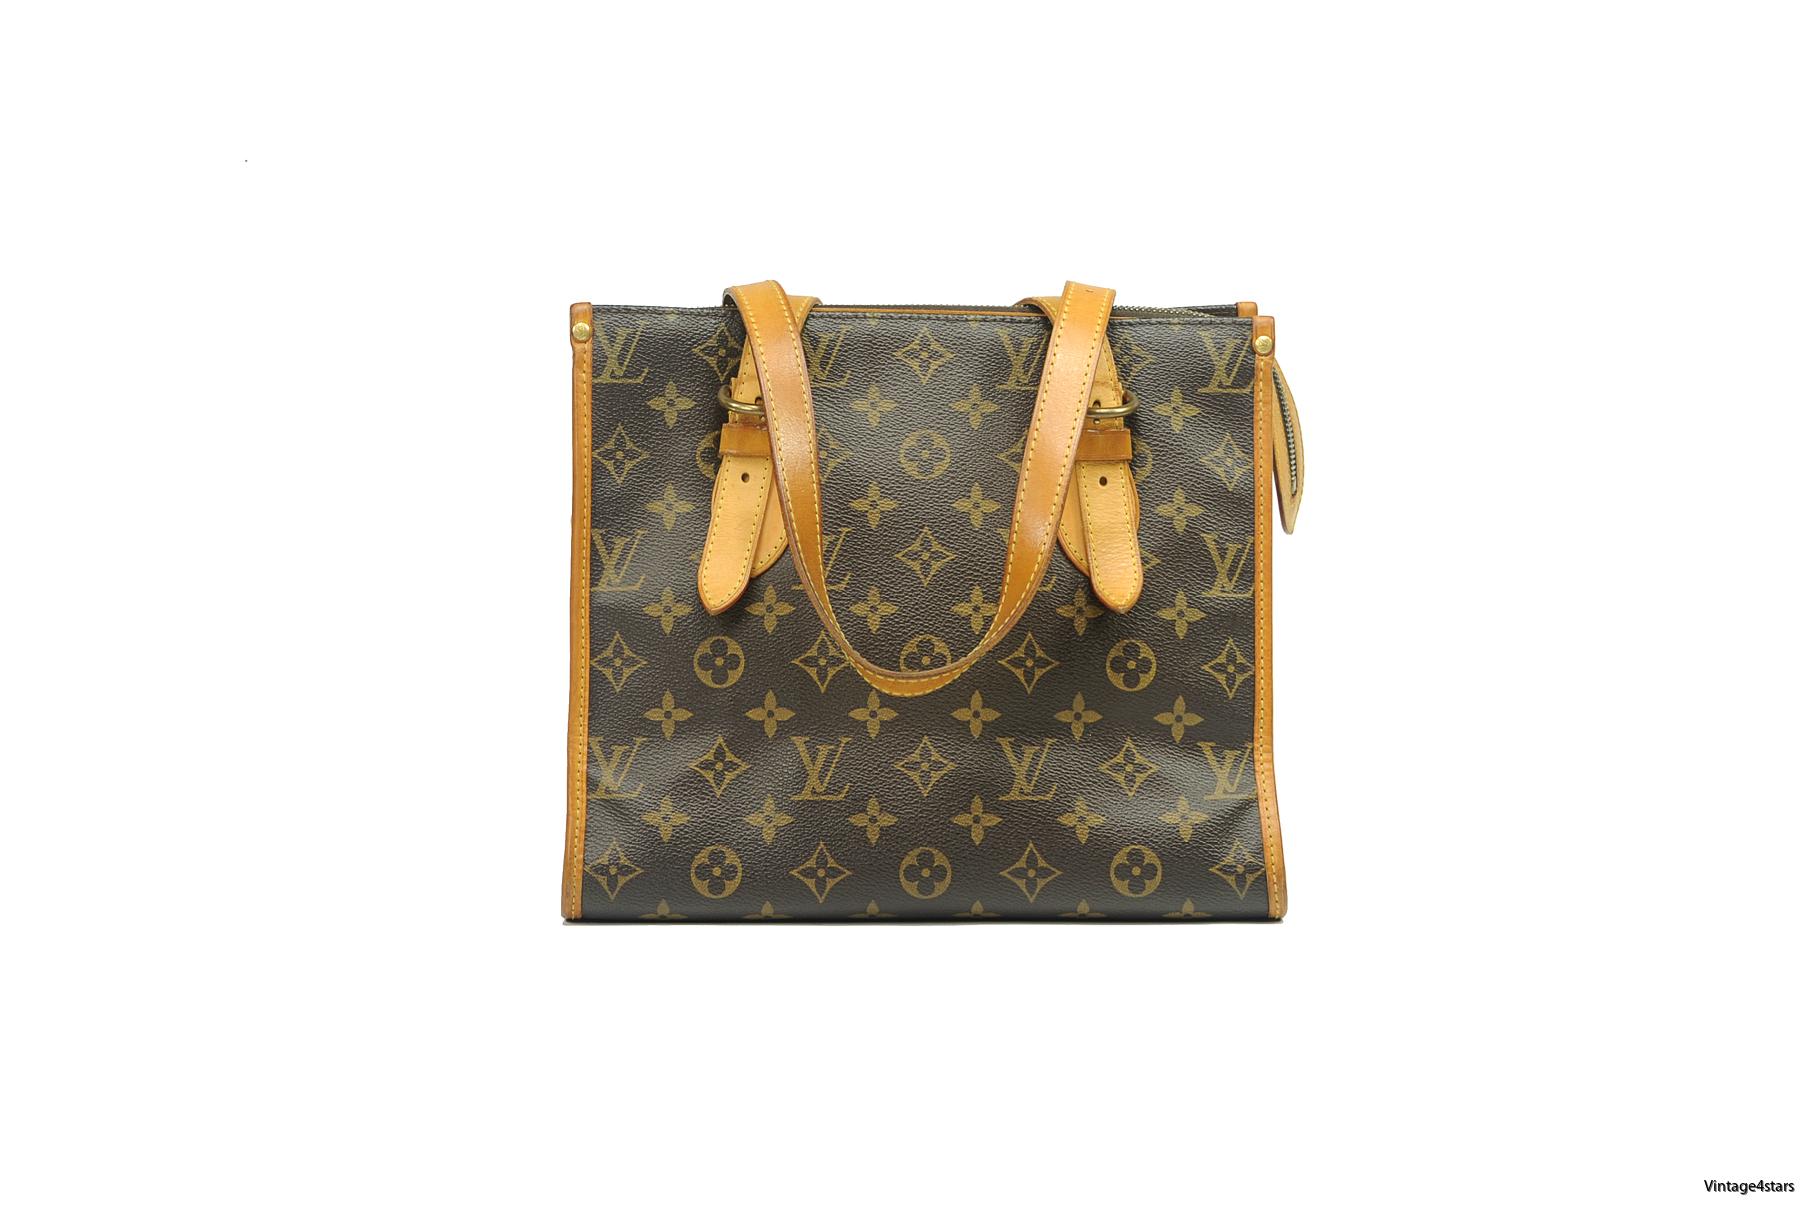 Louis Vuitton Popincourt 2